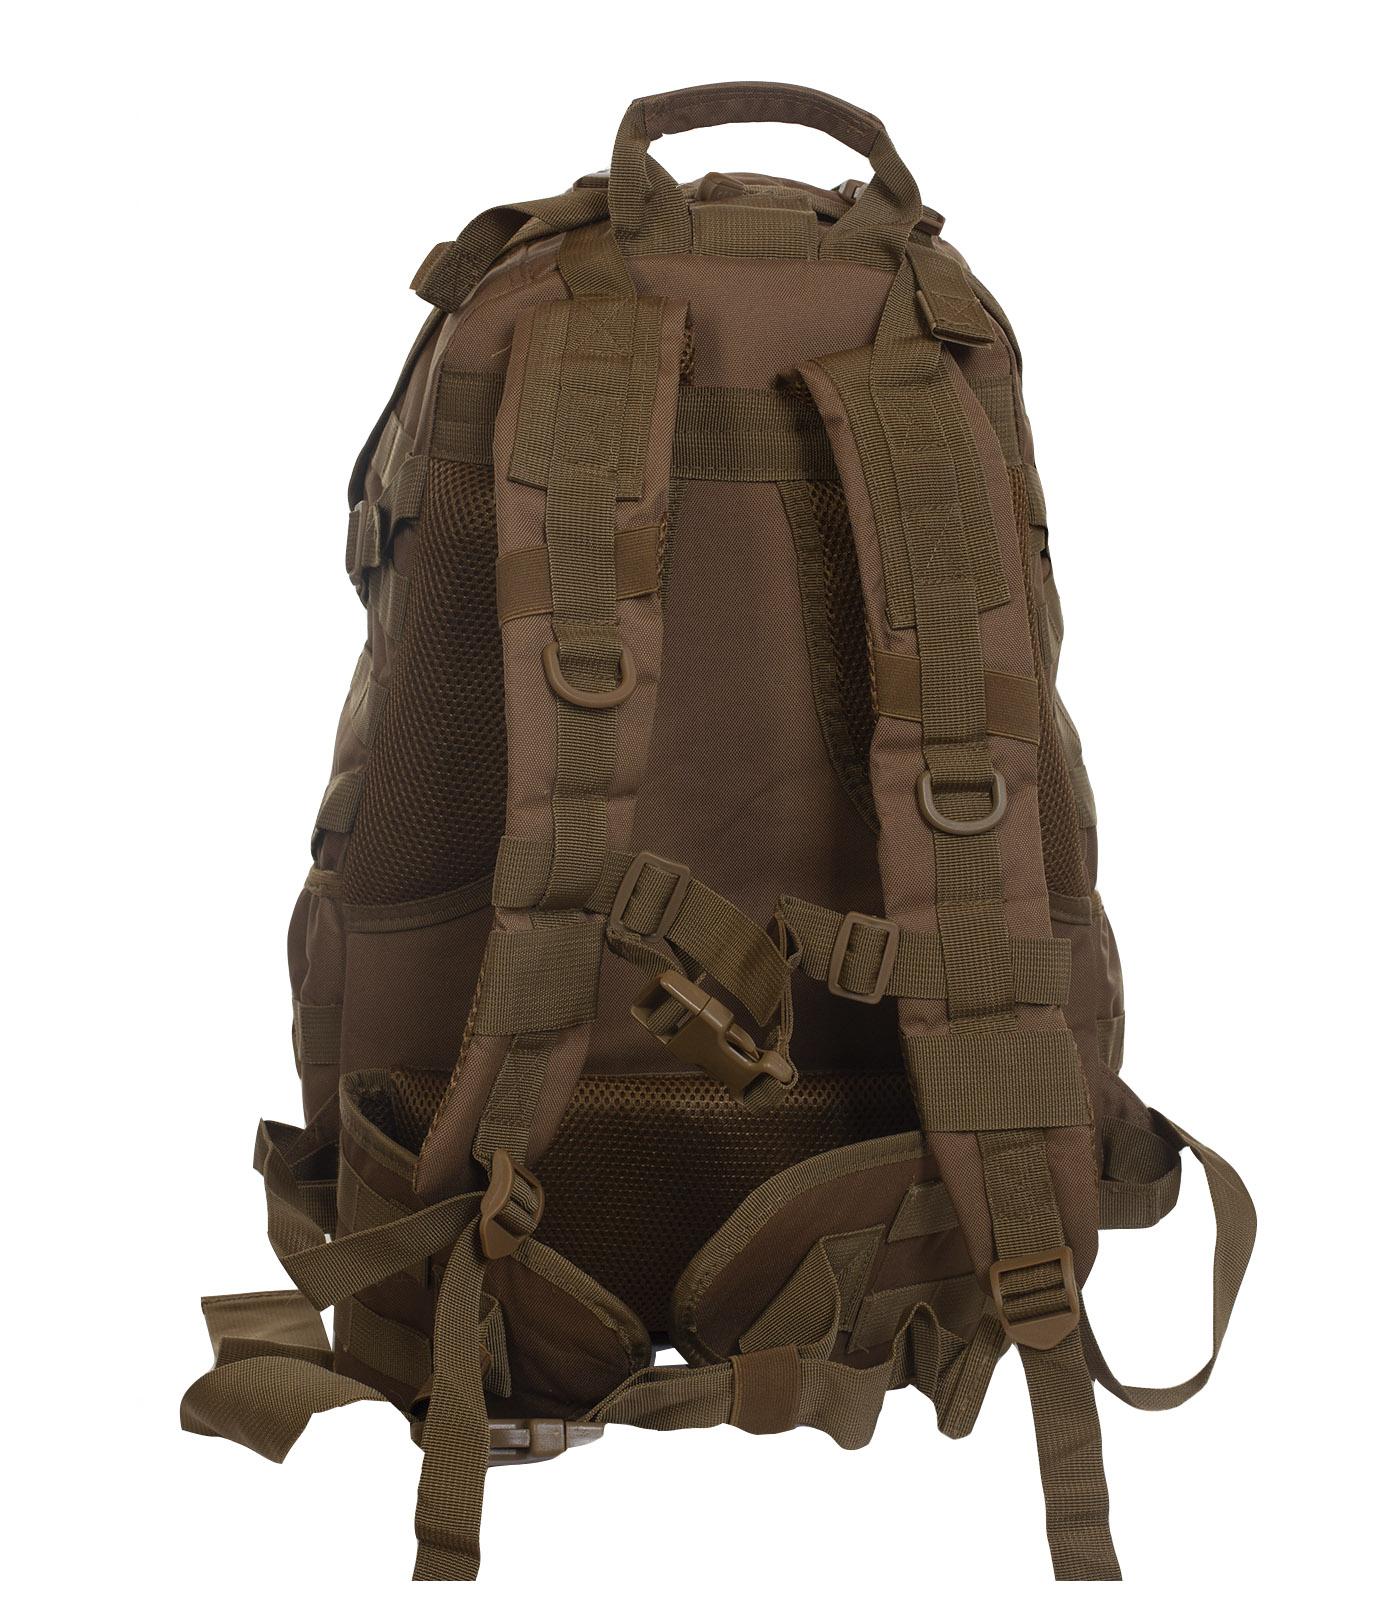 Компактный эргономичный рюкзак для охотников по лучшей цене